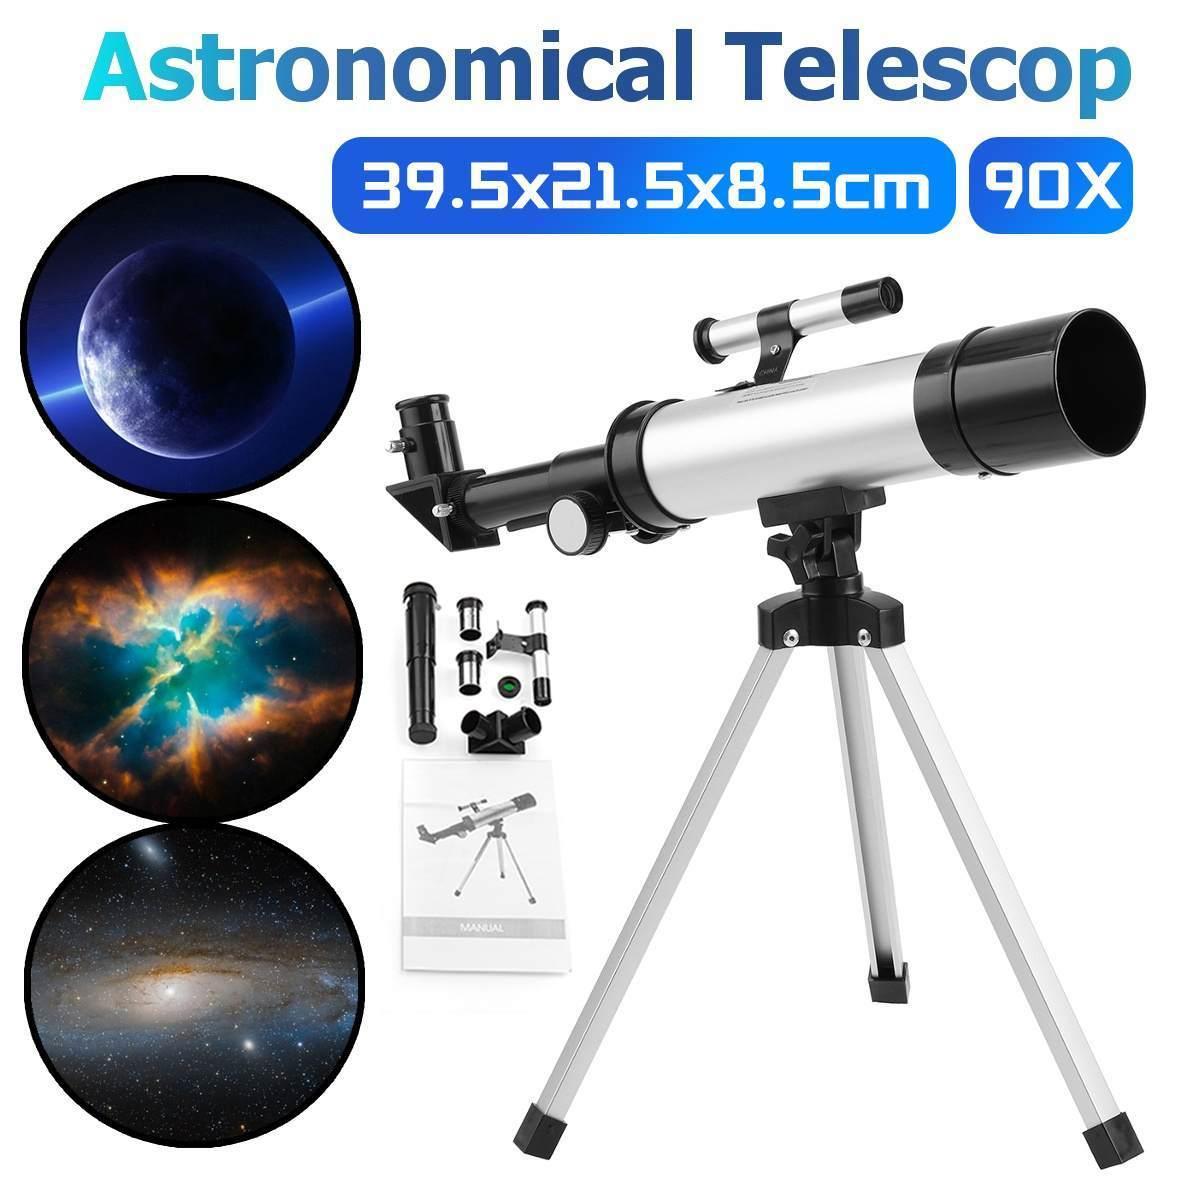 Teleskopi HD Yakınlaştırma Monoküler Ile Tripod Refraktif Uzay Astronomik Teleskop Seyahat Açık LJ201120 için Spotting Kapsam